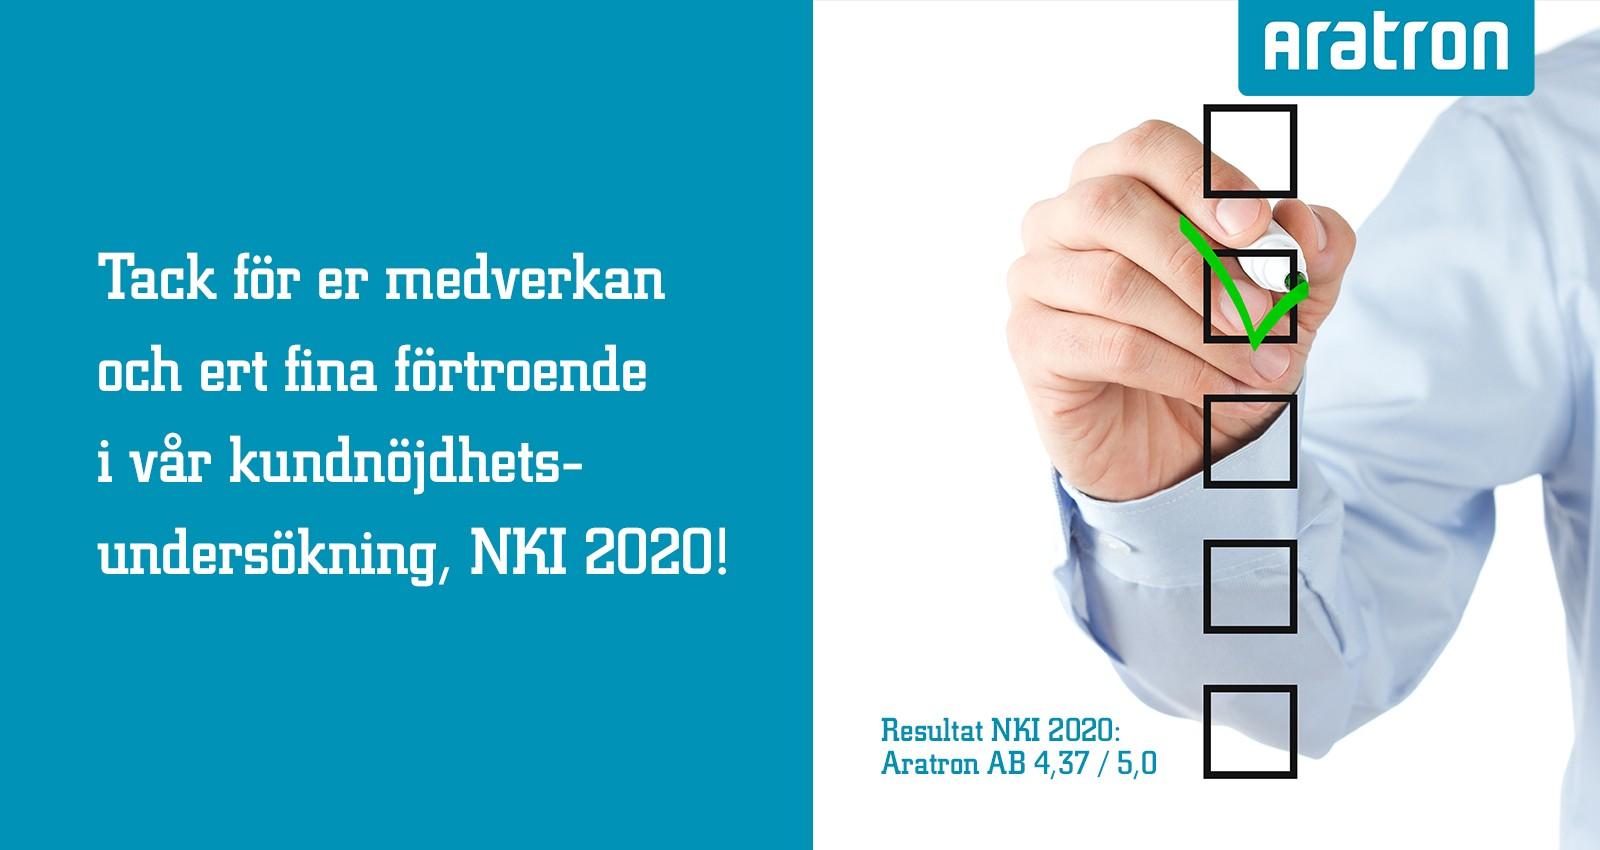 NKI 2020